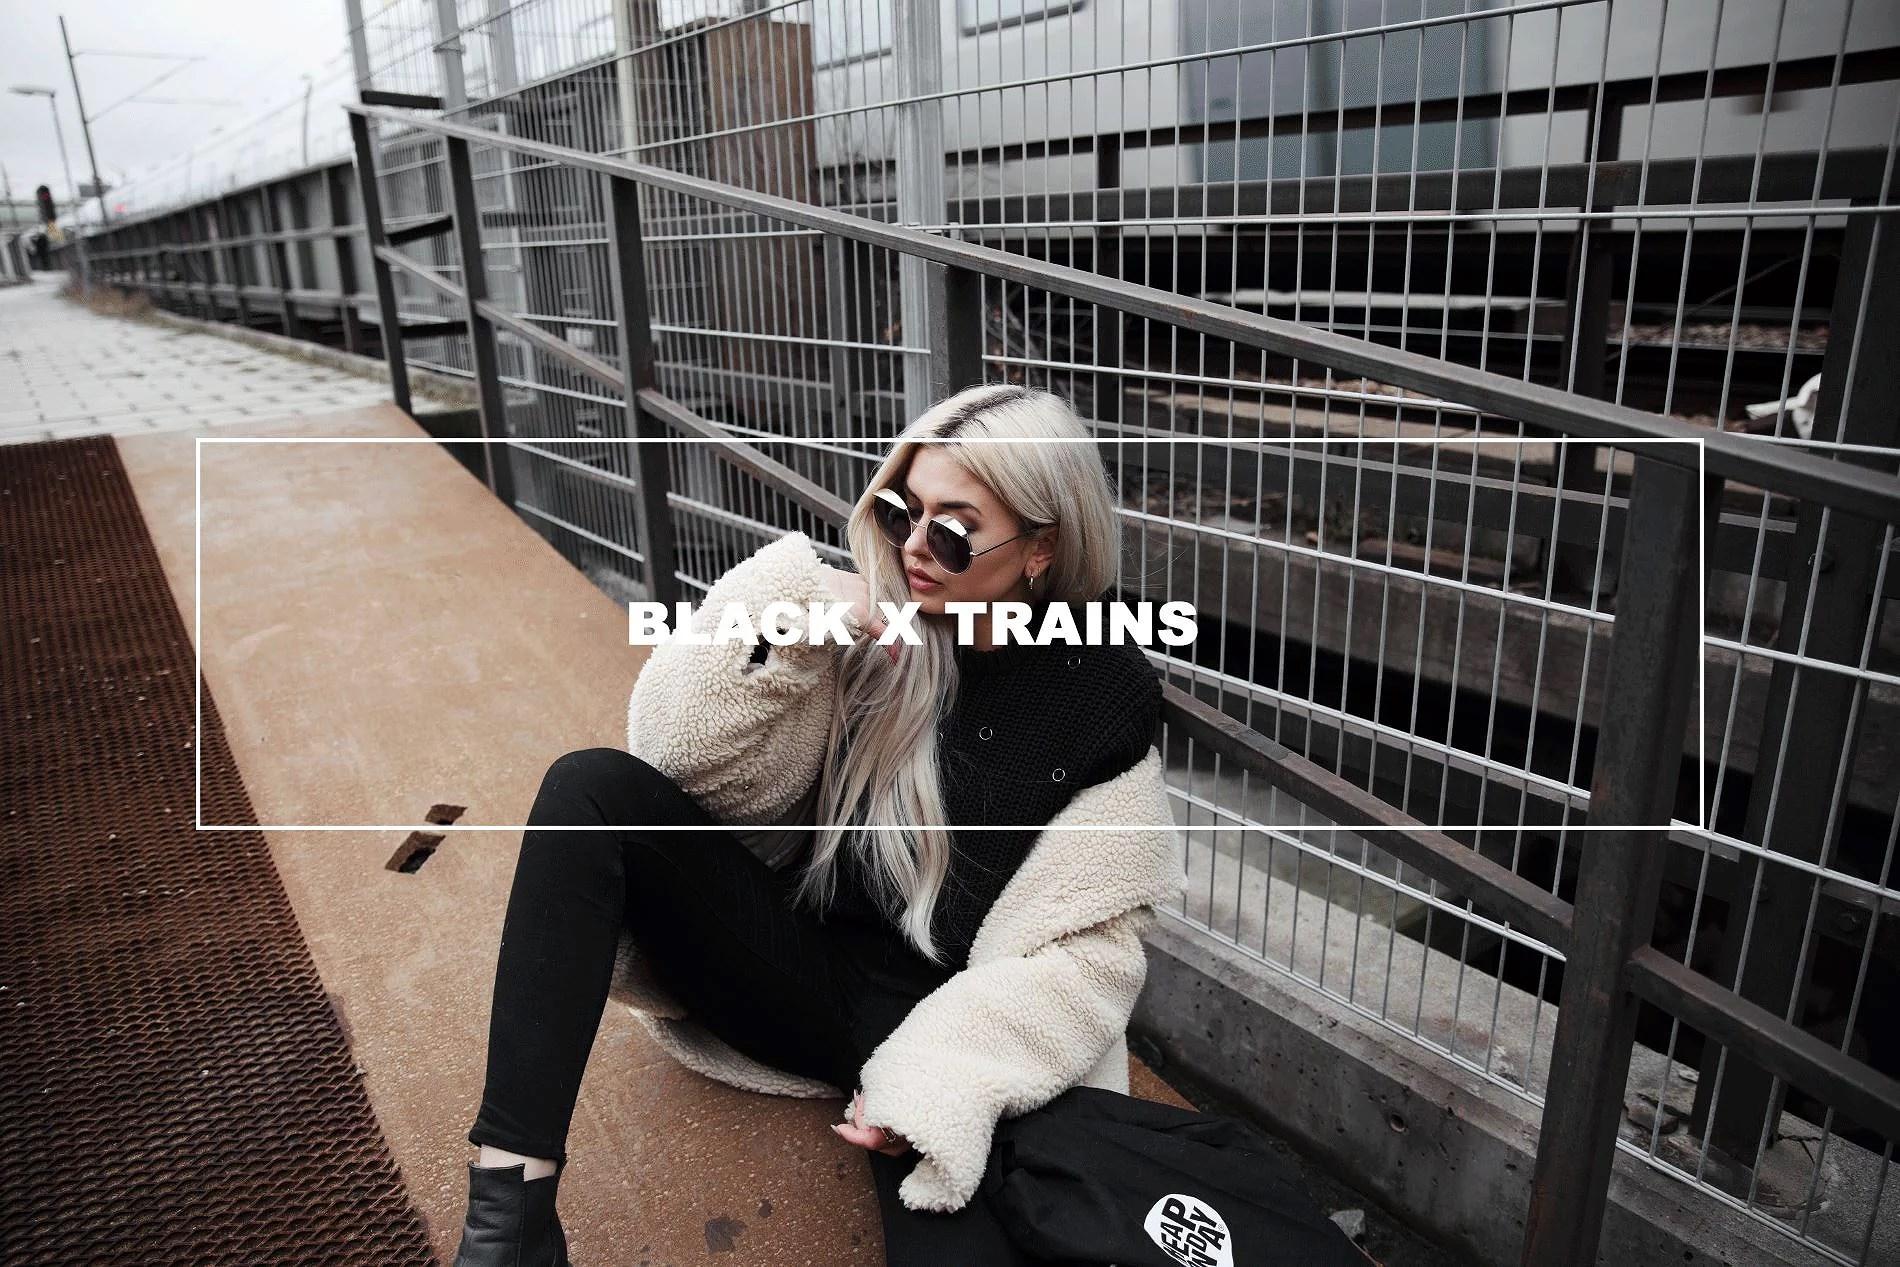 black x trains